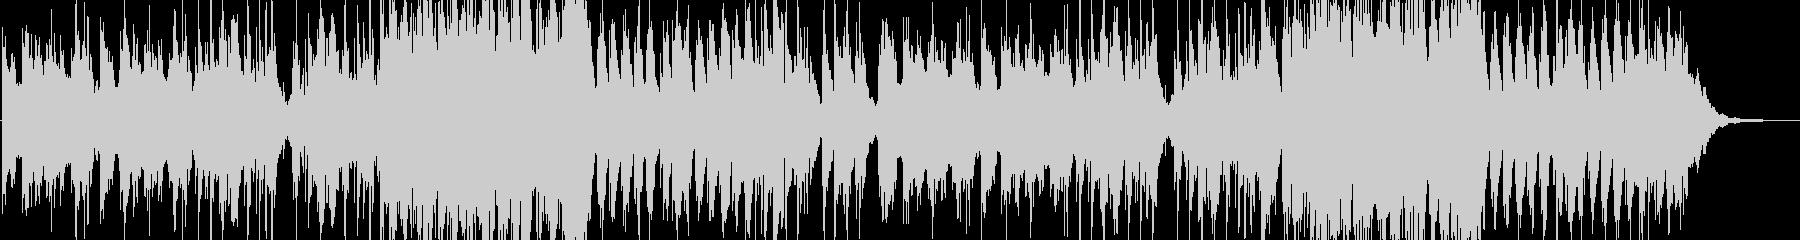 星空を眺めるピアノのヒーリングBGMの未再生の波形